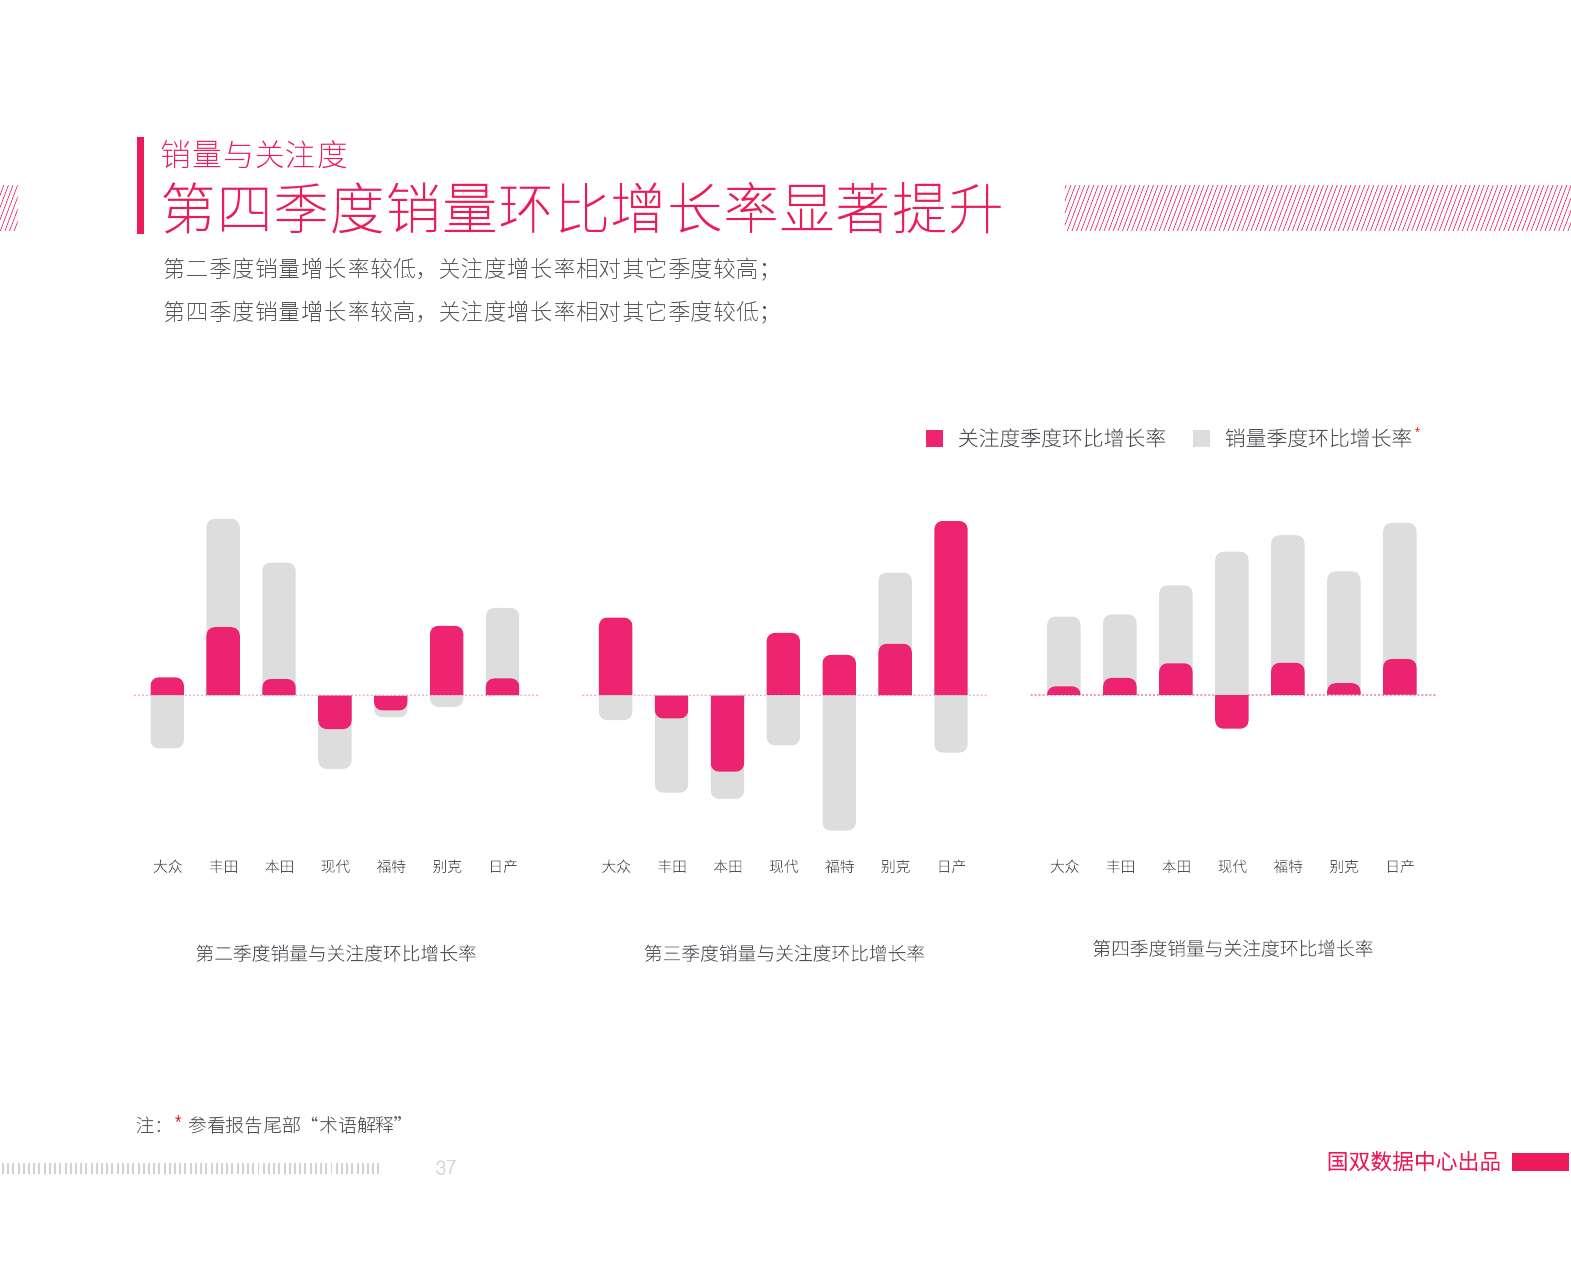 2015中国互联网发展报告_000039